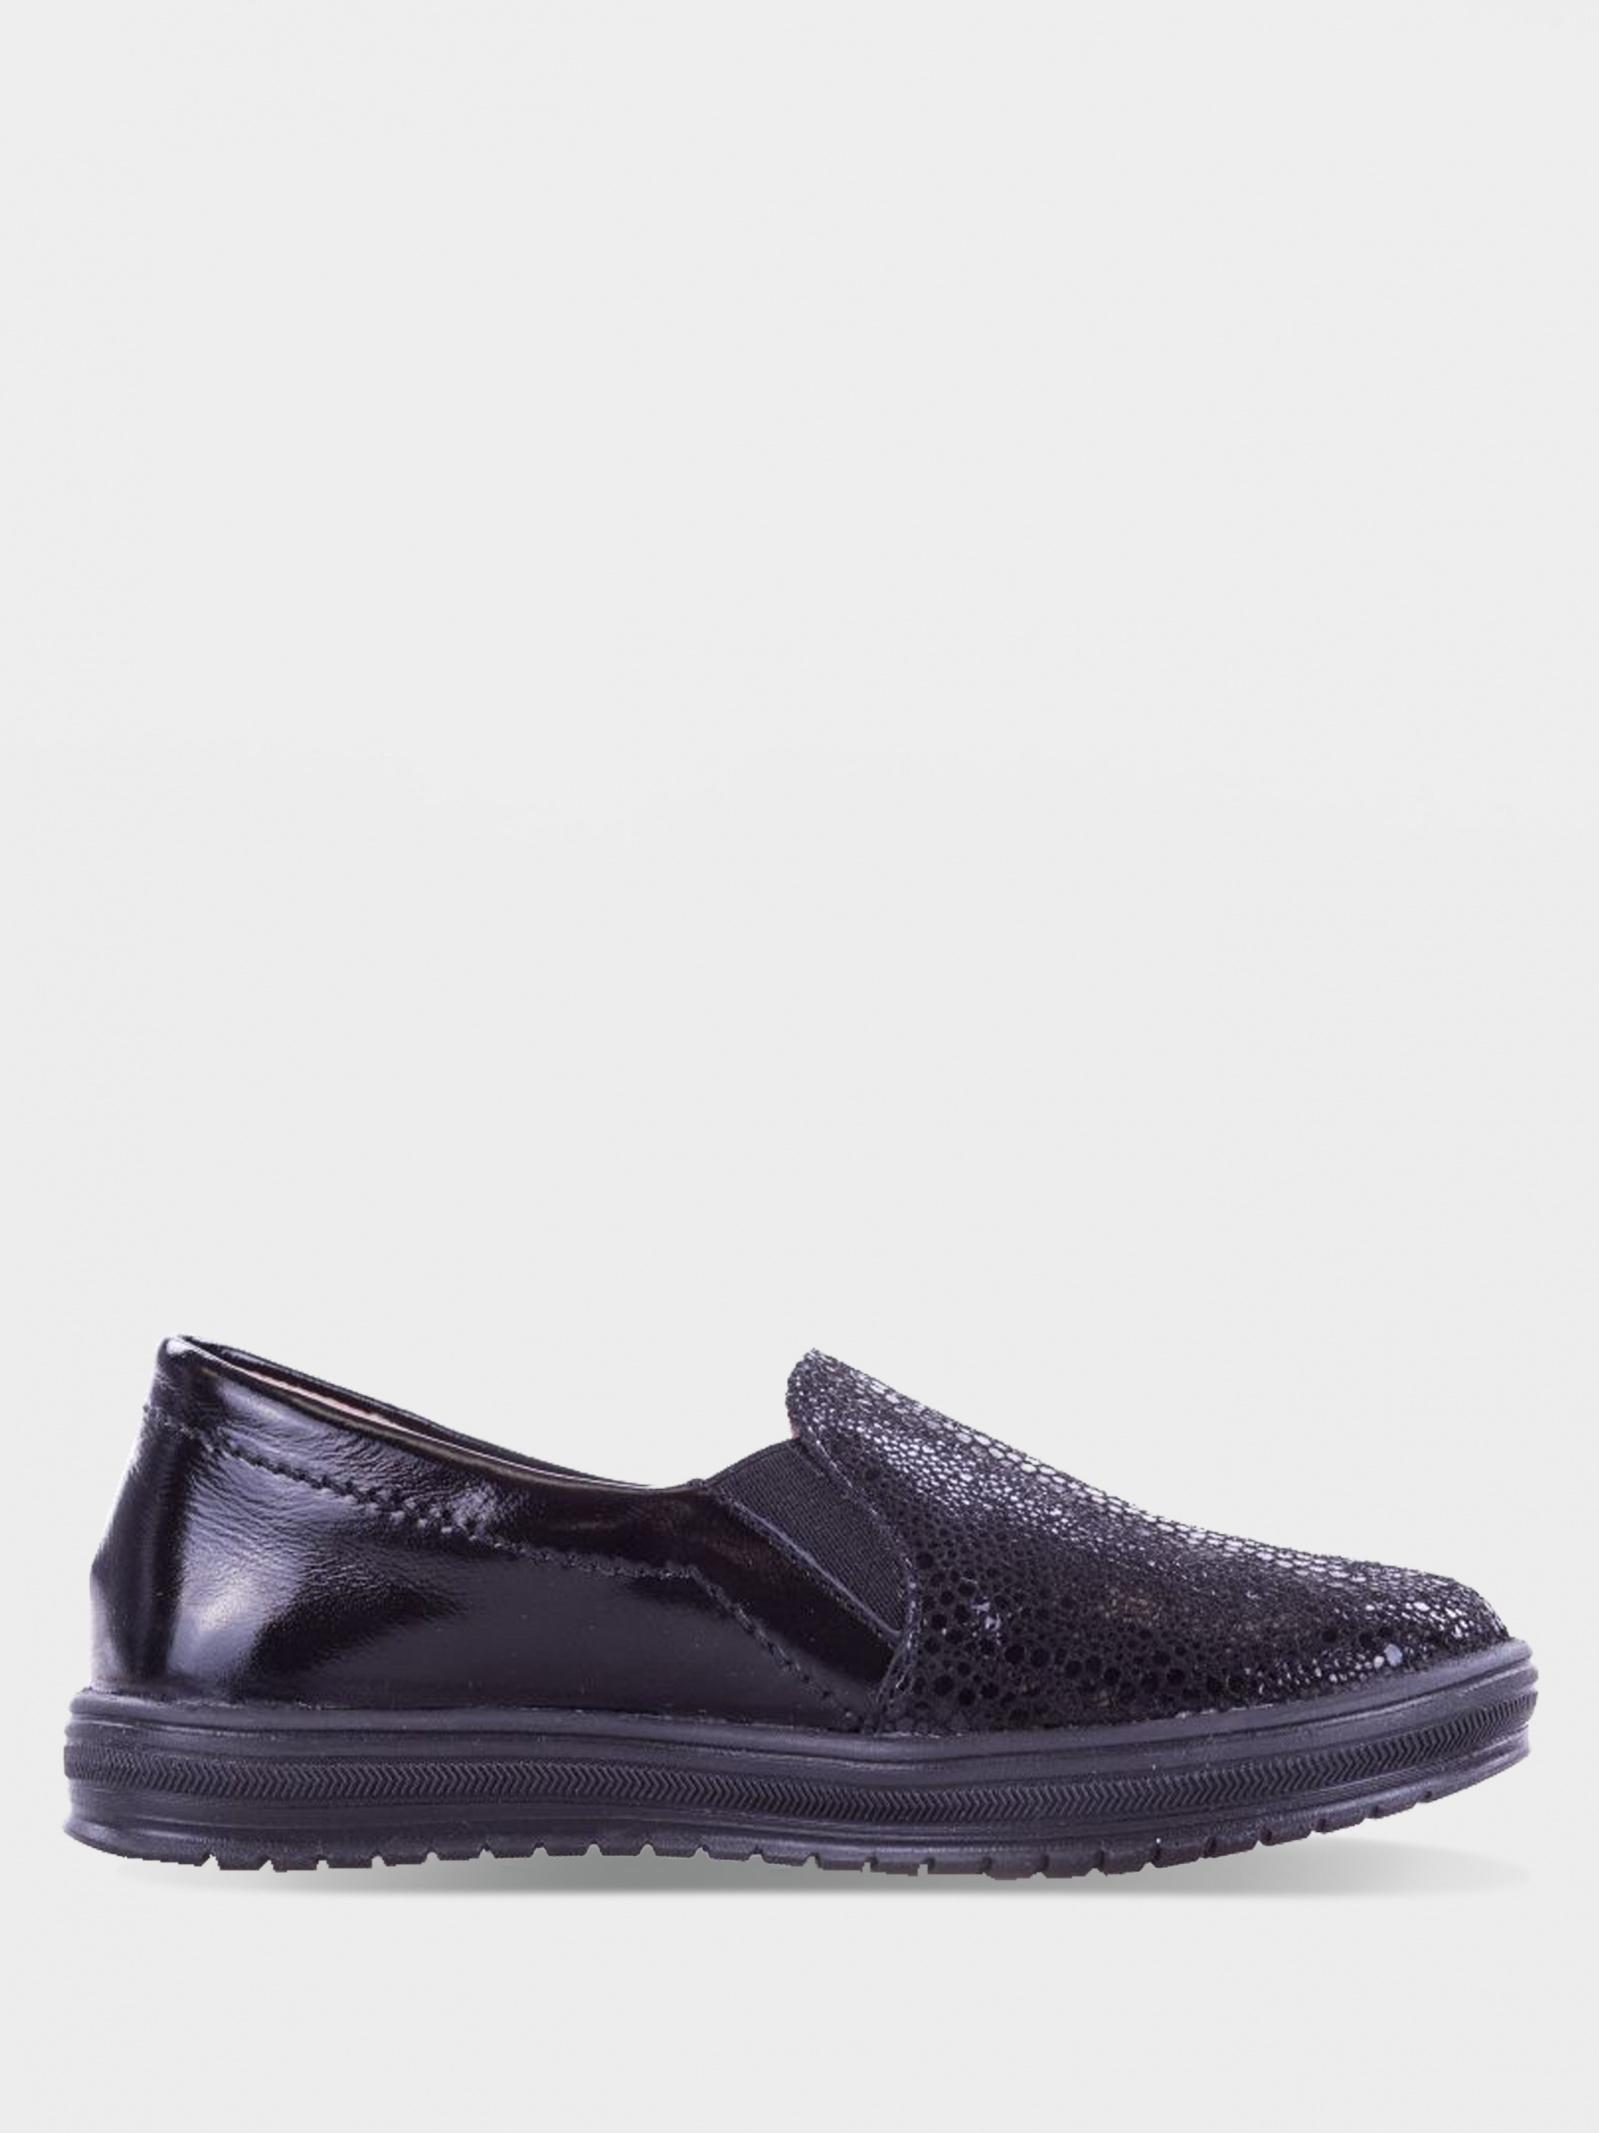 Туфли для детей Braska AE162 купить онлайн, 2017